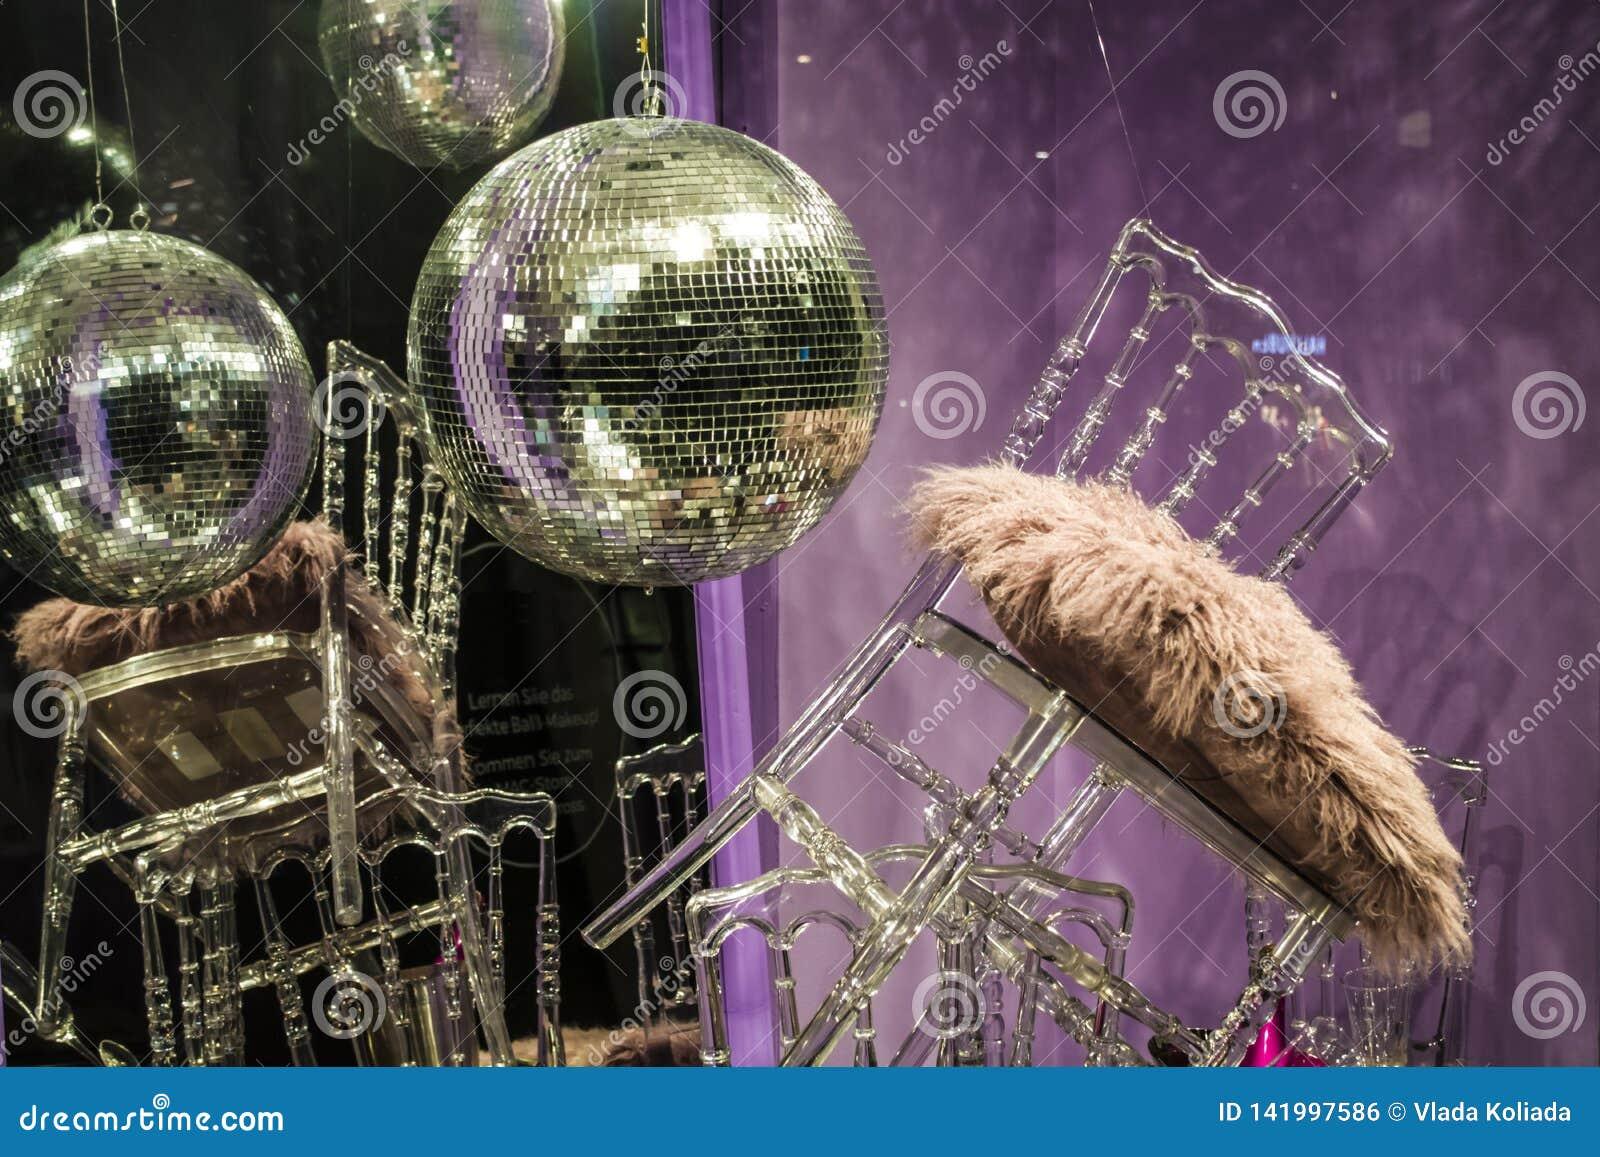 E De verspreide stoelen en de glazen, champagneflessen expositie Decoratief show-venster Roze kleuren chaos